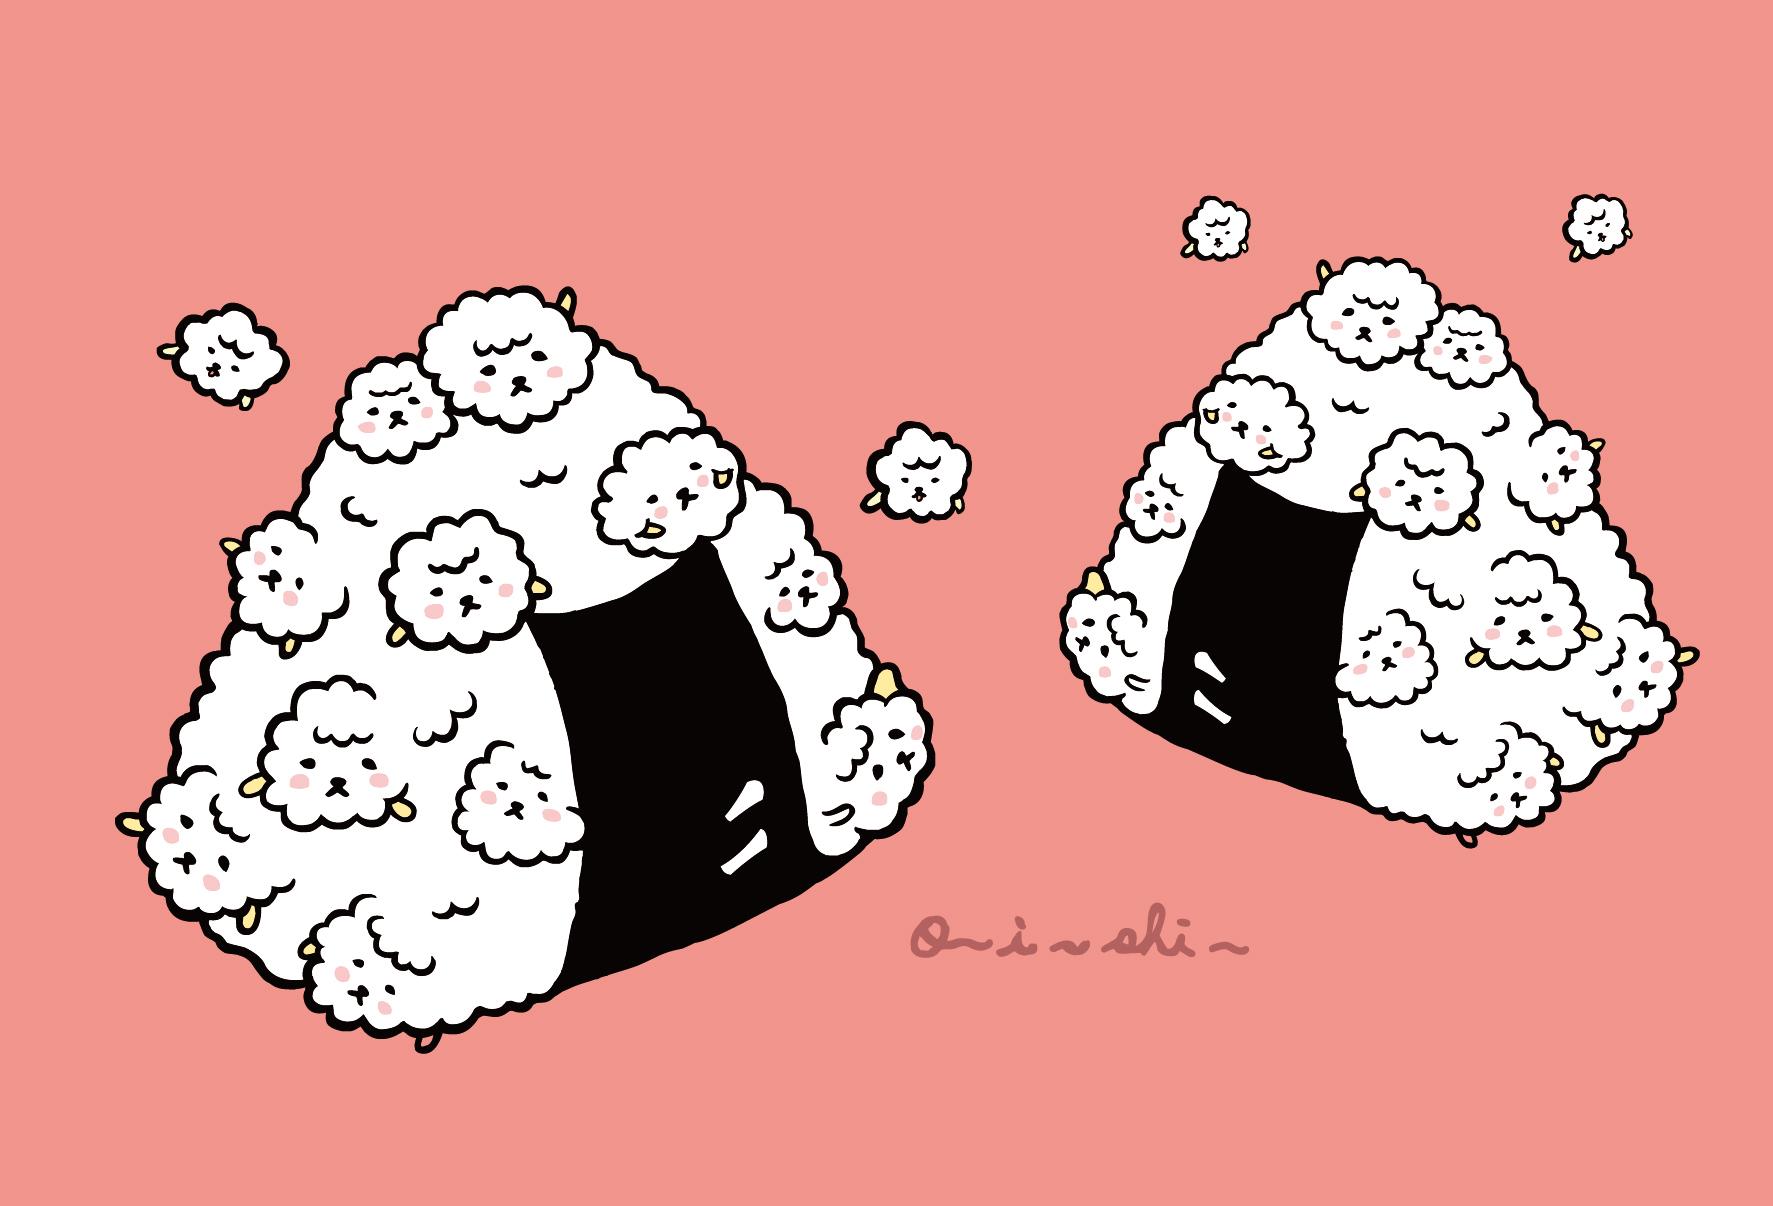 明信片100x148mm_sheep_04-01-01-01-01.jpg